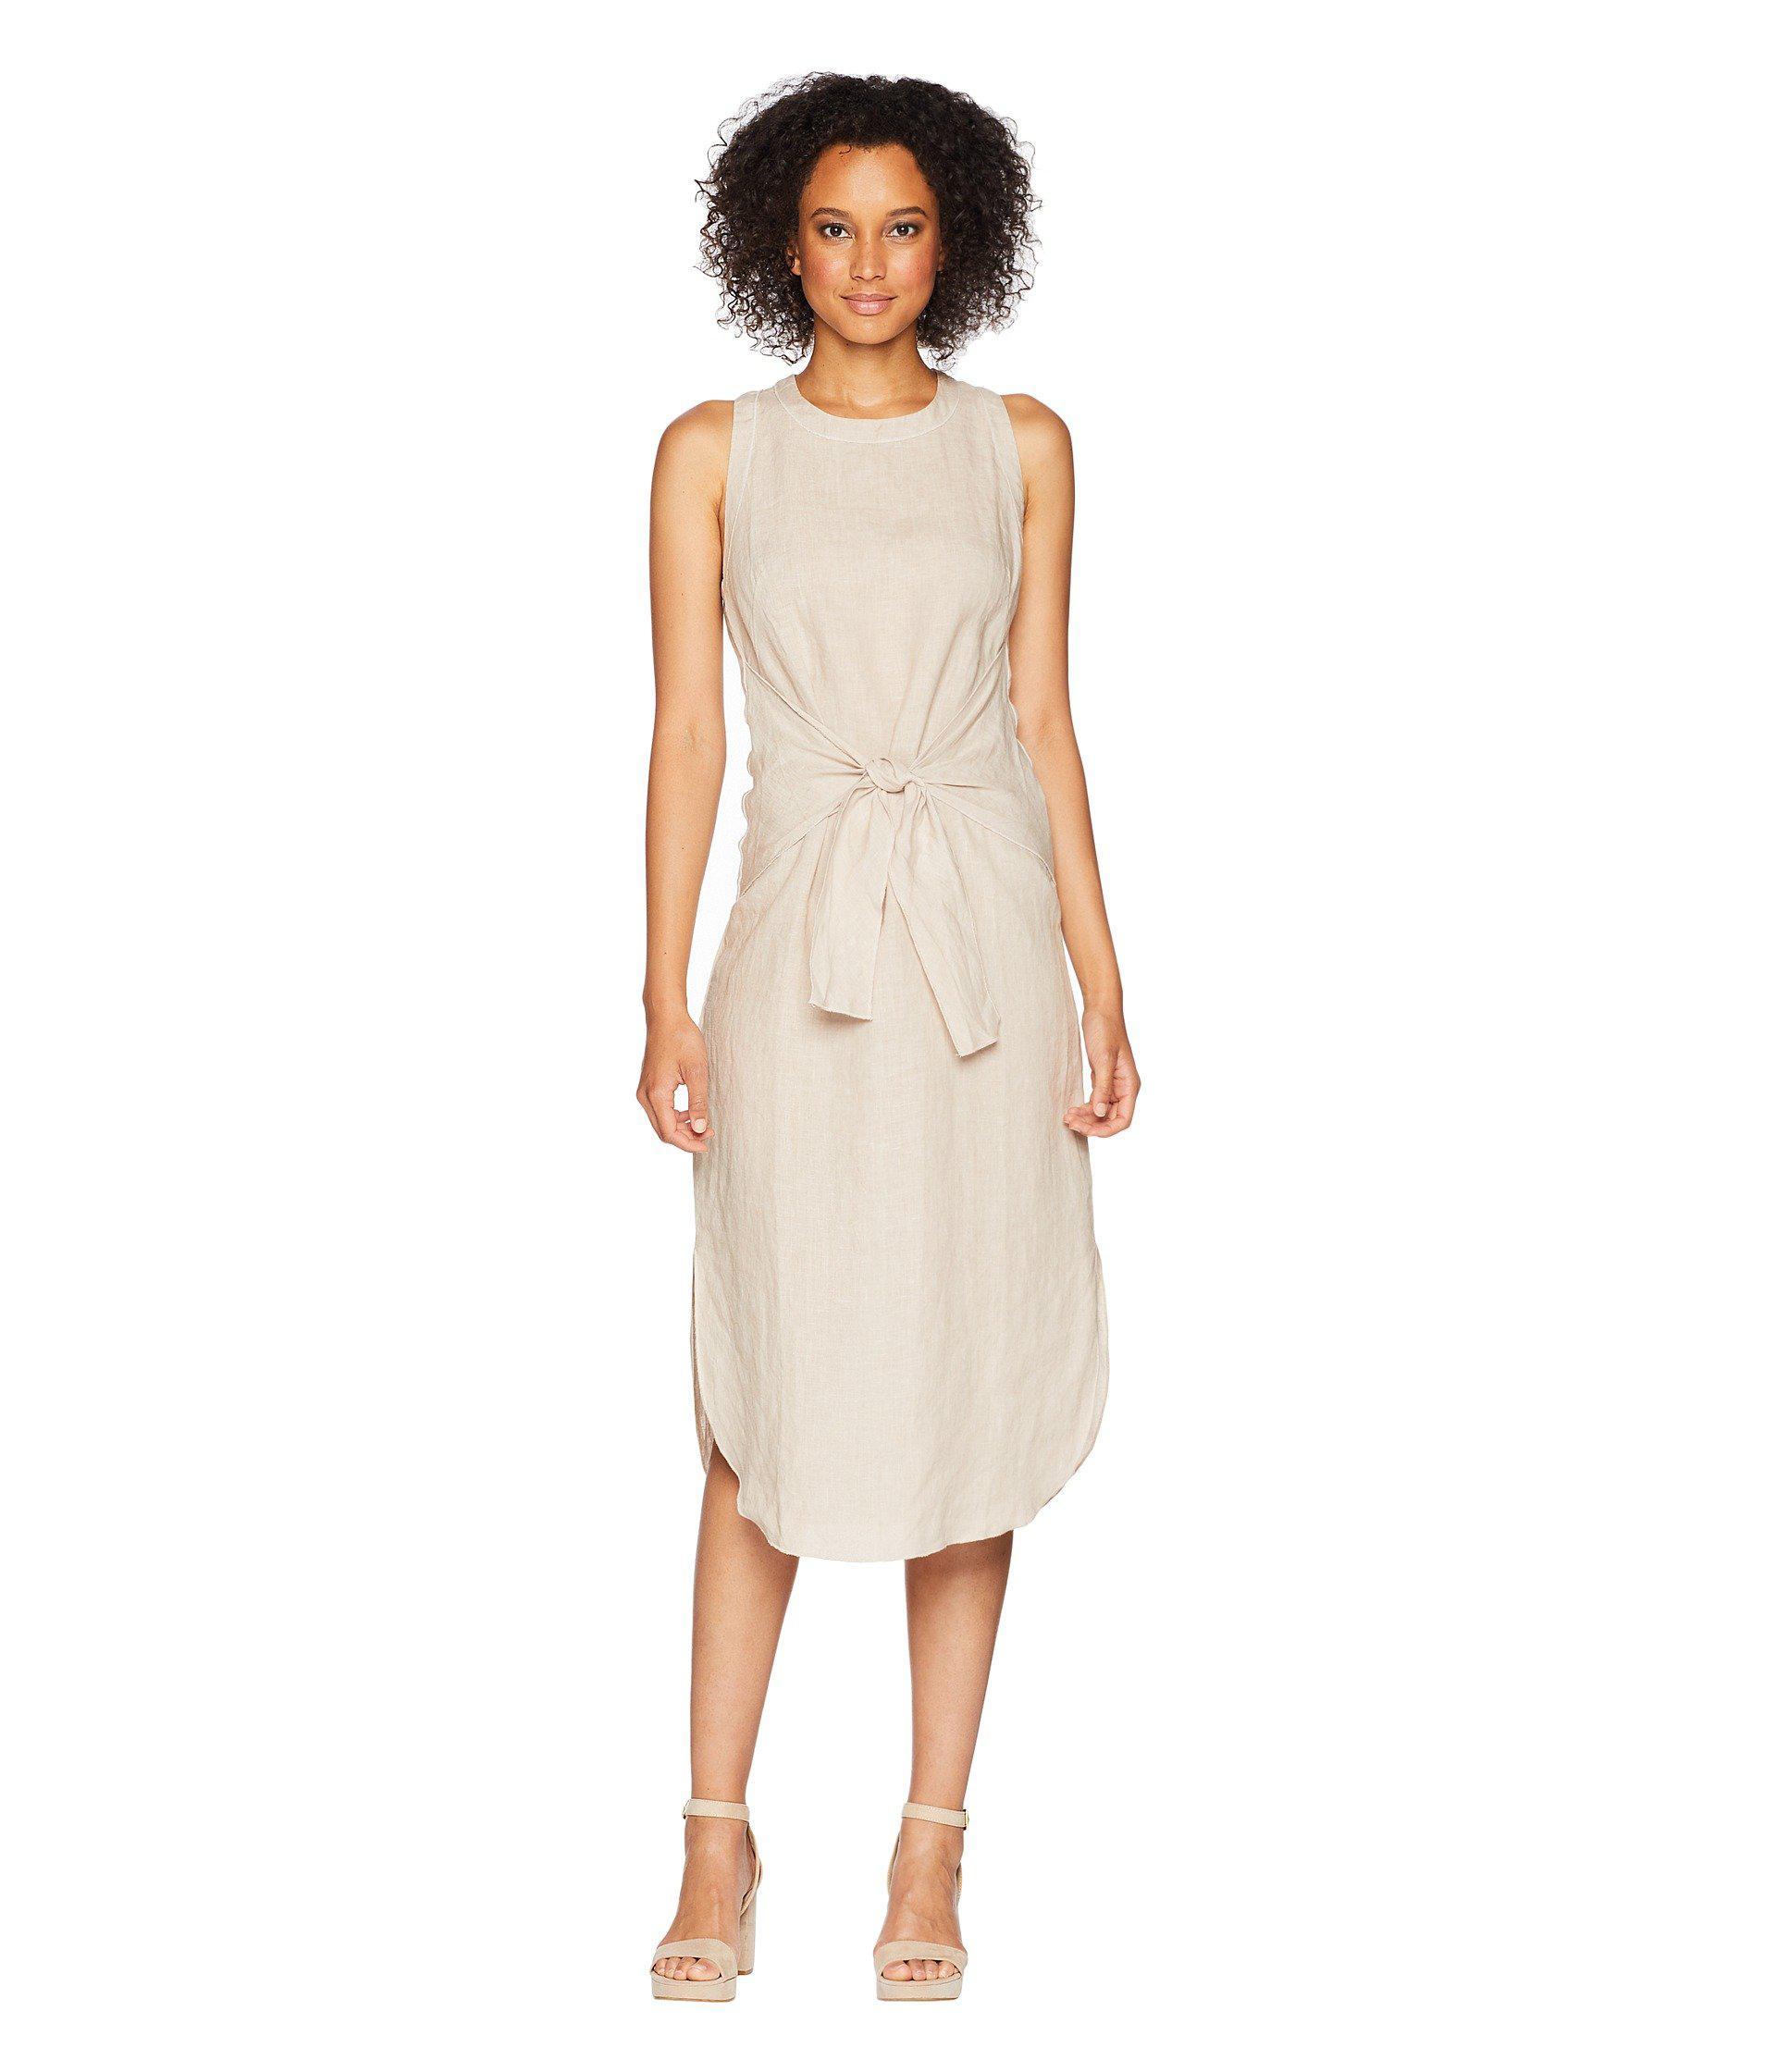 6a08d6c2e4 Lyst - Three Dots Woven Linen Dress - Save 44%